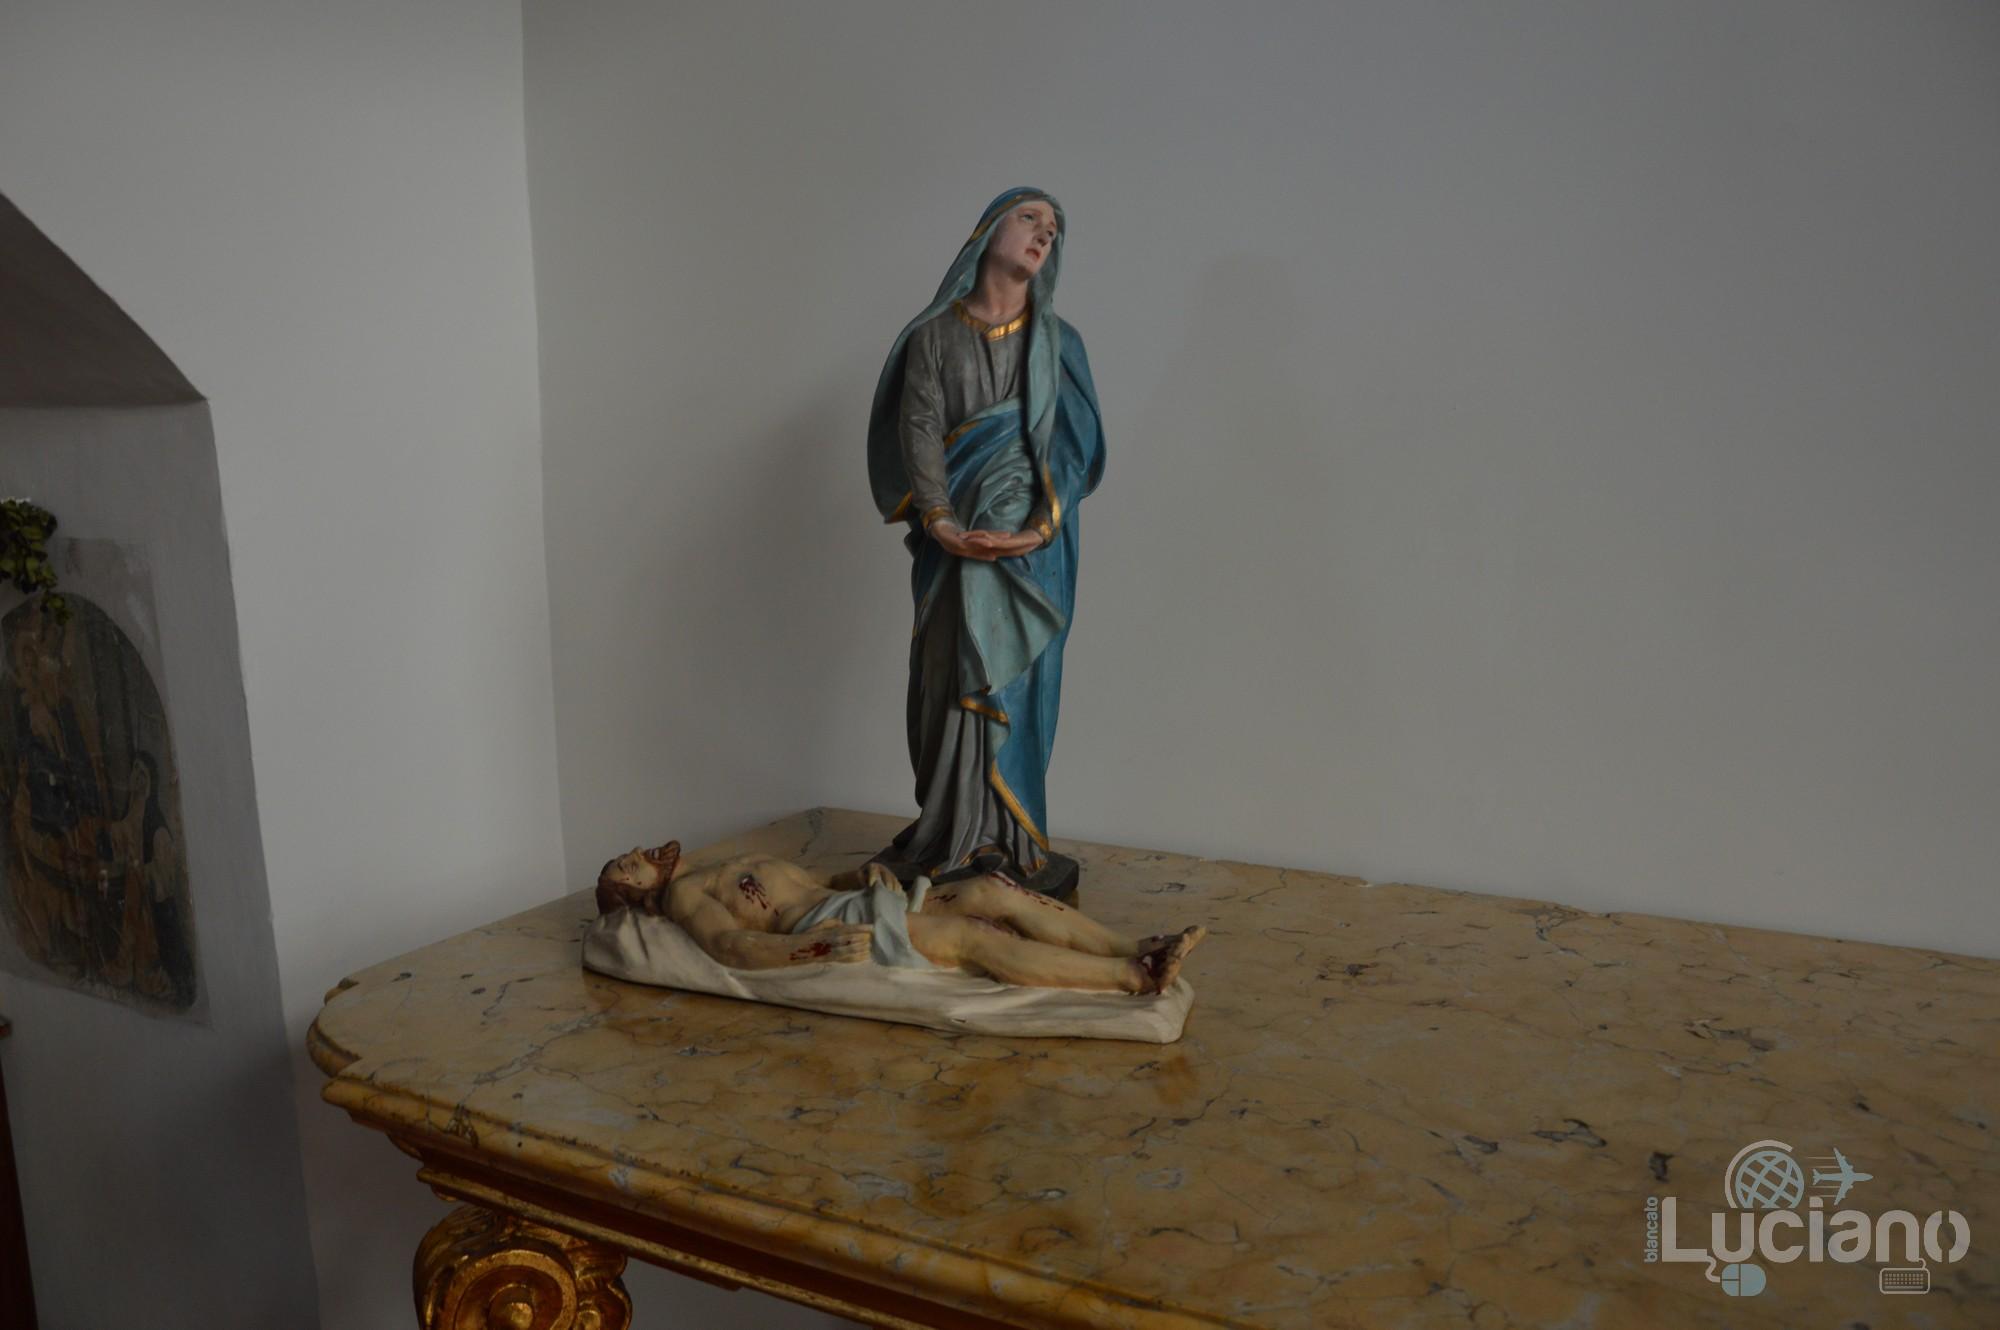 Statua della Madonna e Cristo, presso Chiesa della Badia di Sant'Agata, durante i festeggiamenti per Sant'Agata 2019 - Catania (CT)